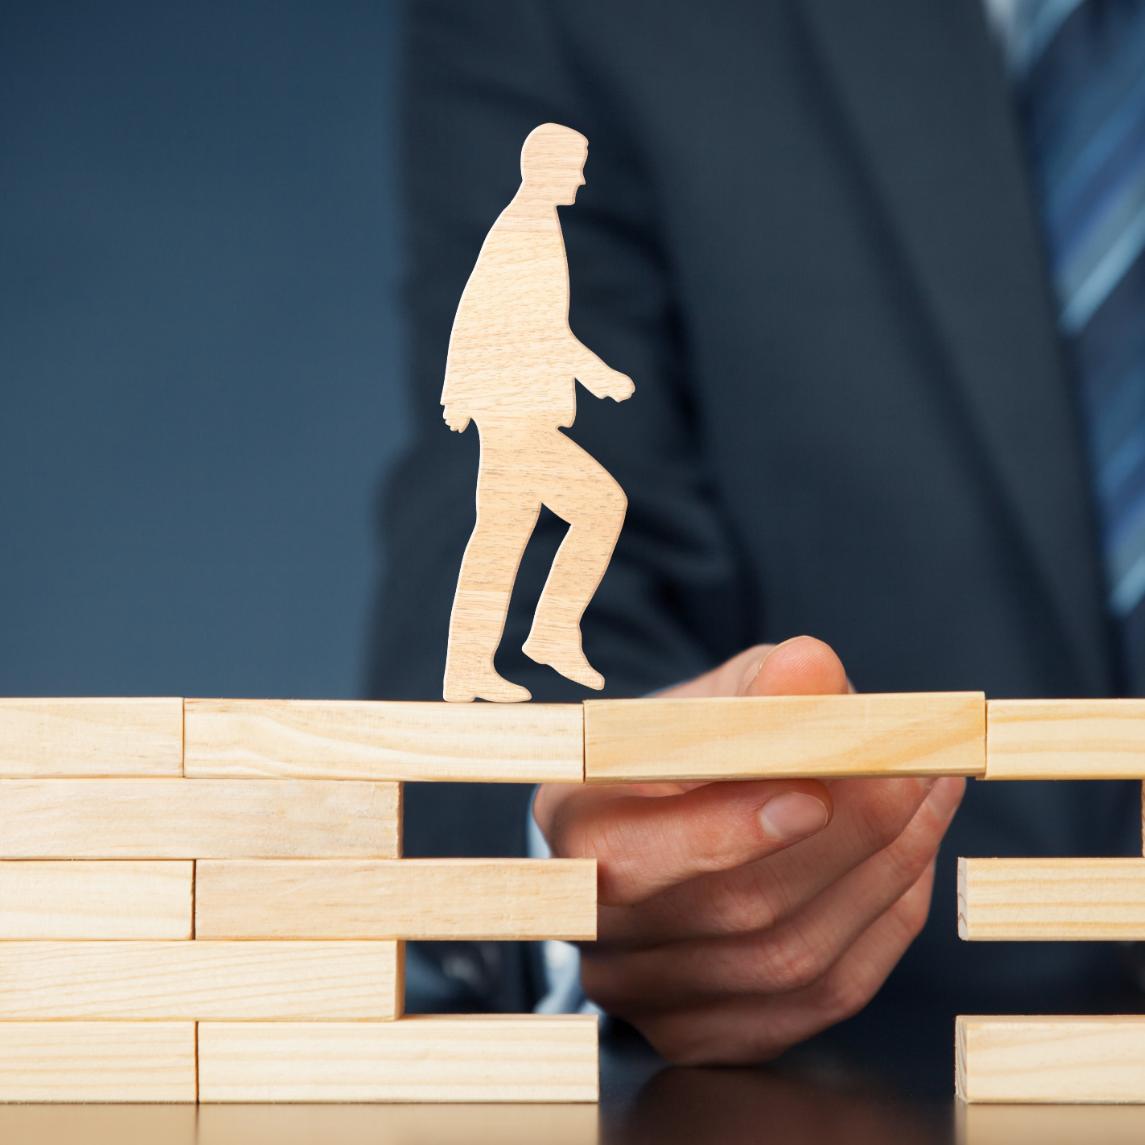 従業員のタスク管理を可視化するワークマネジメントプラットフォームサービス『Asana』